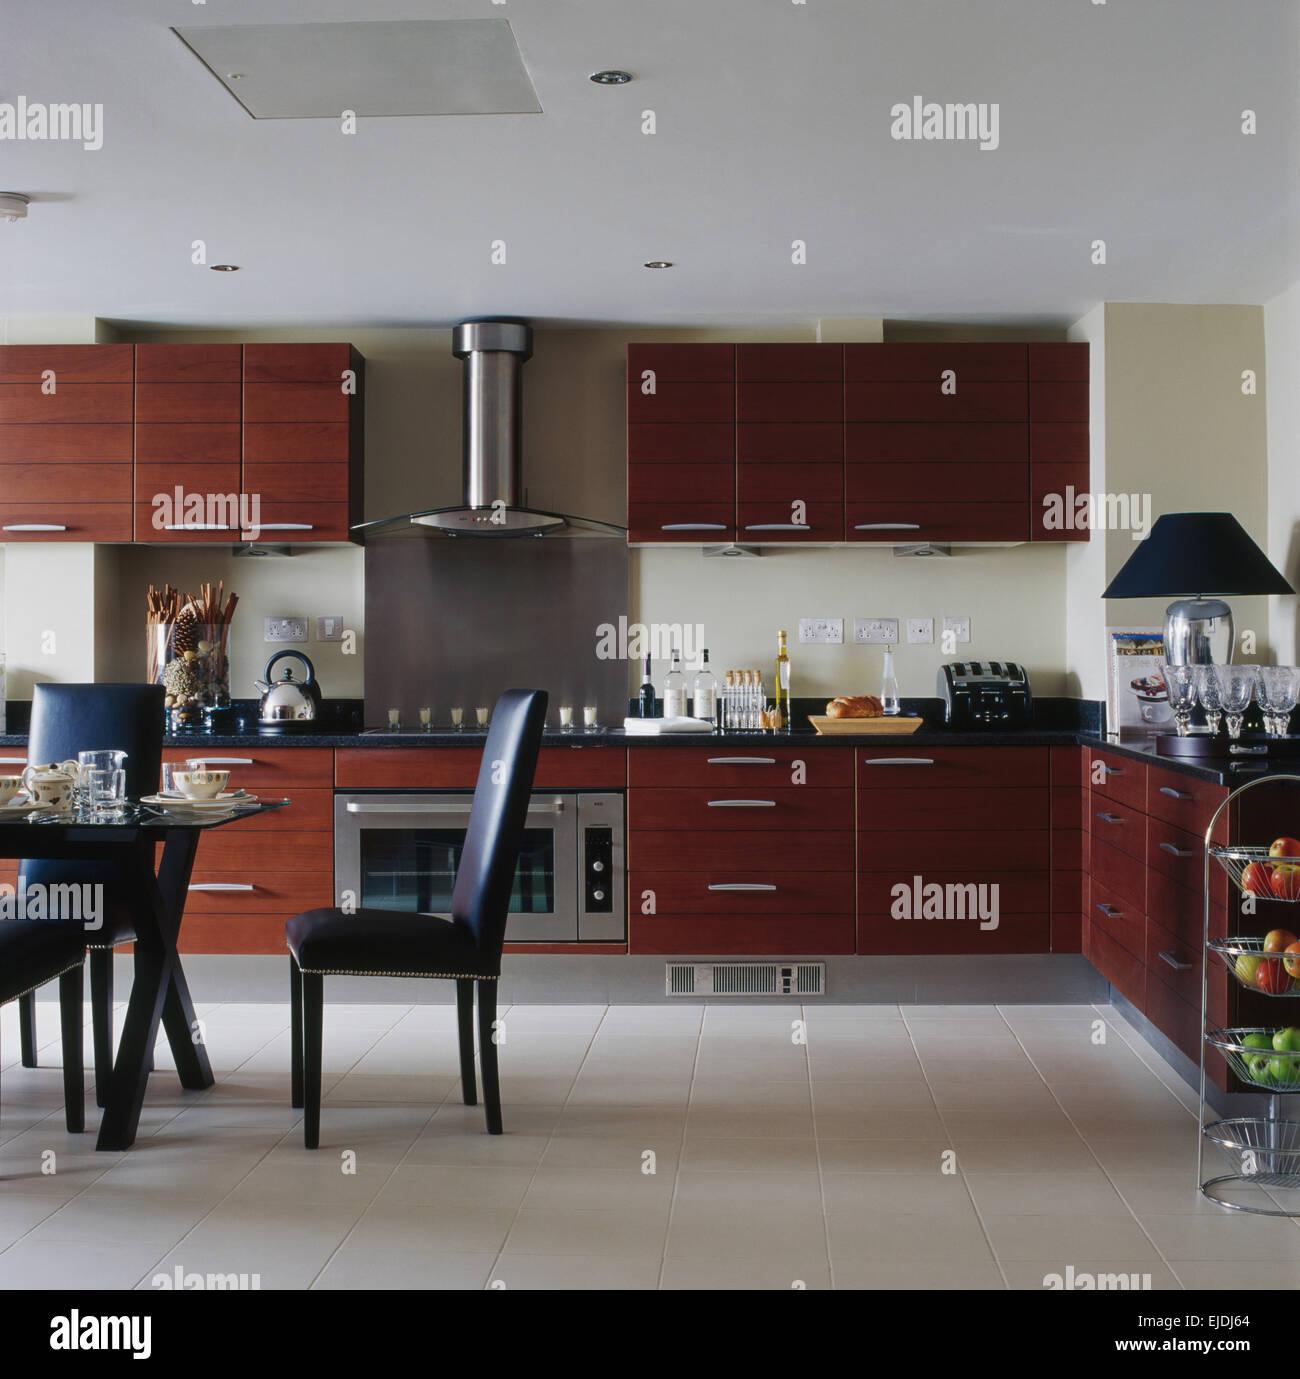 Weiße Keramik Fliesenboden in moderne Küche mit dunklen braunen Holz ...